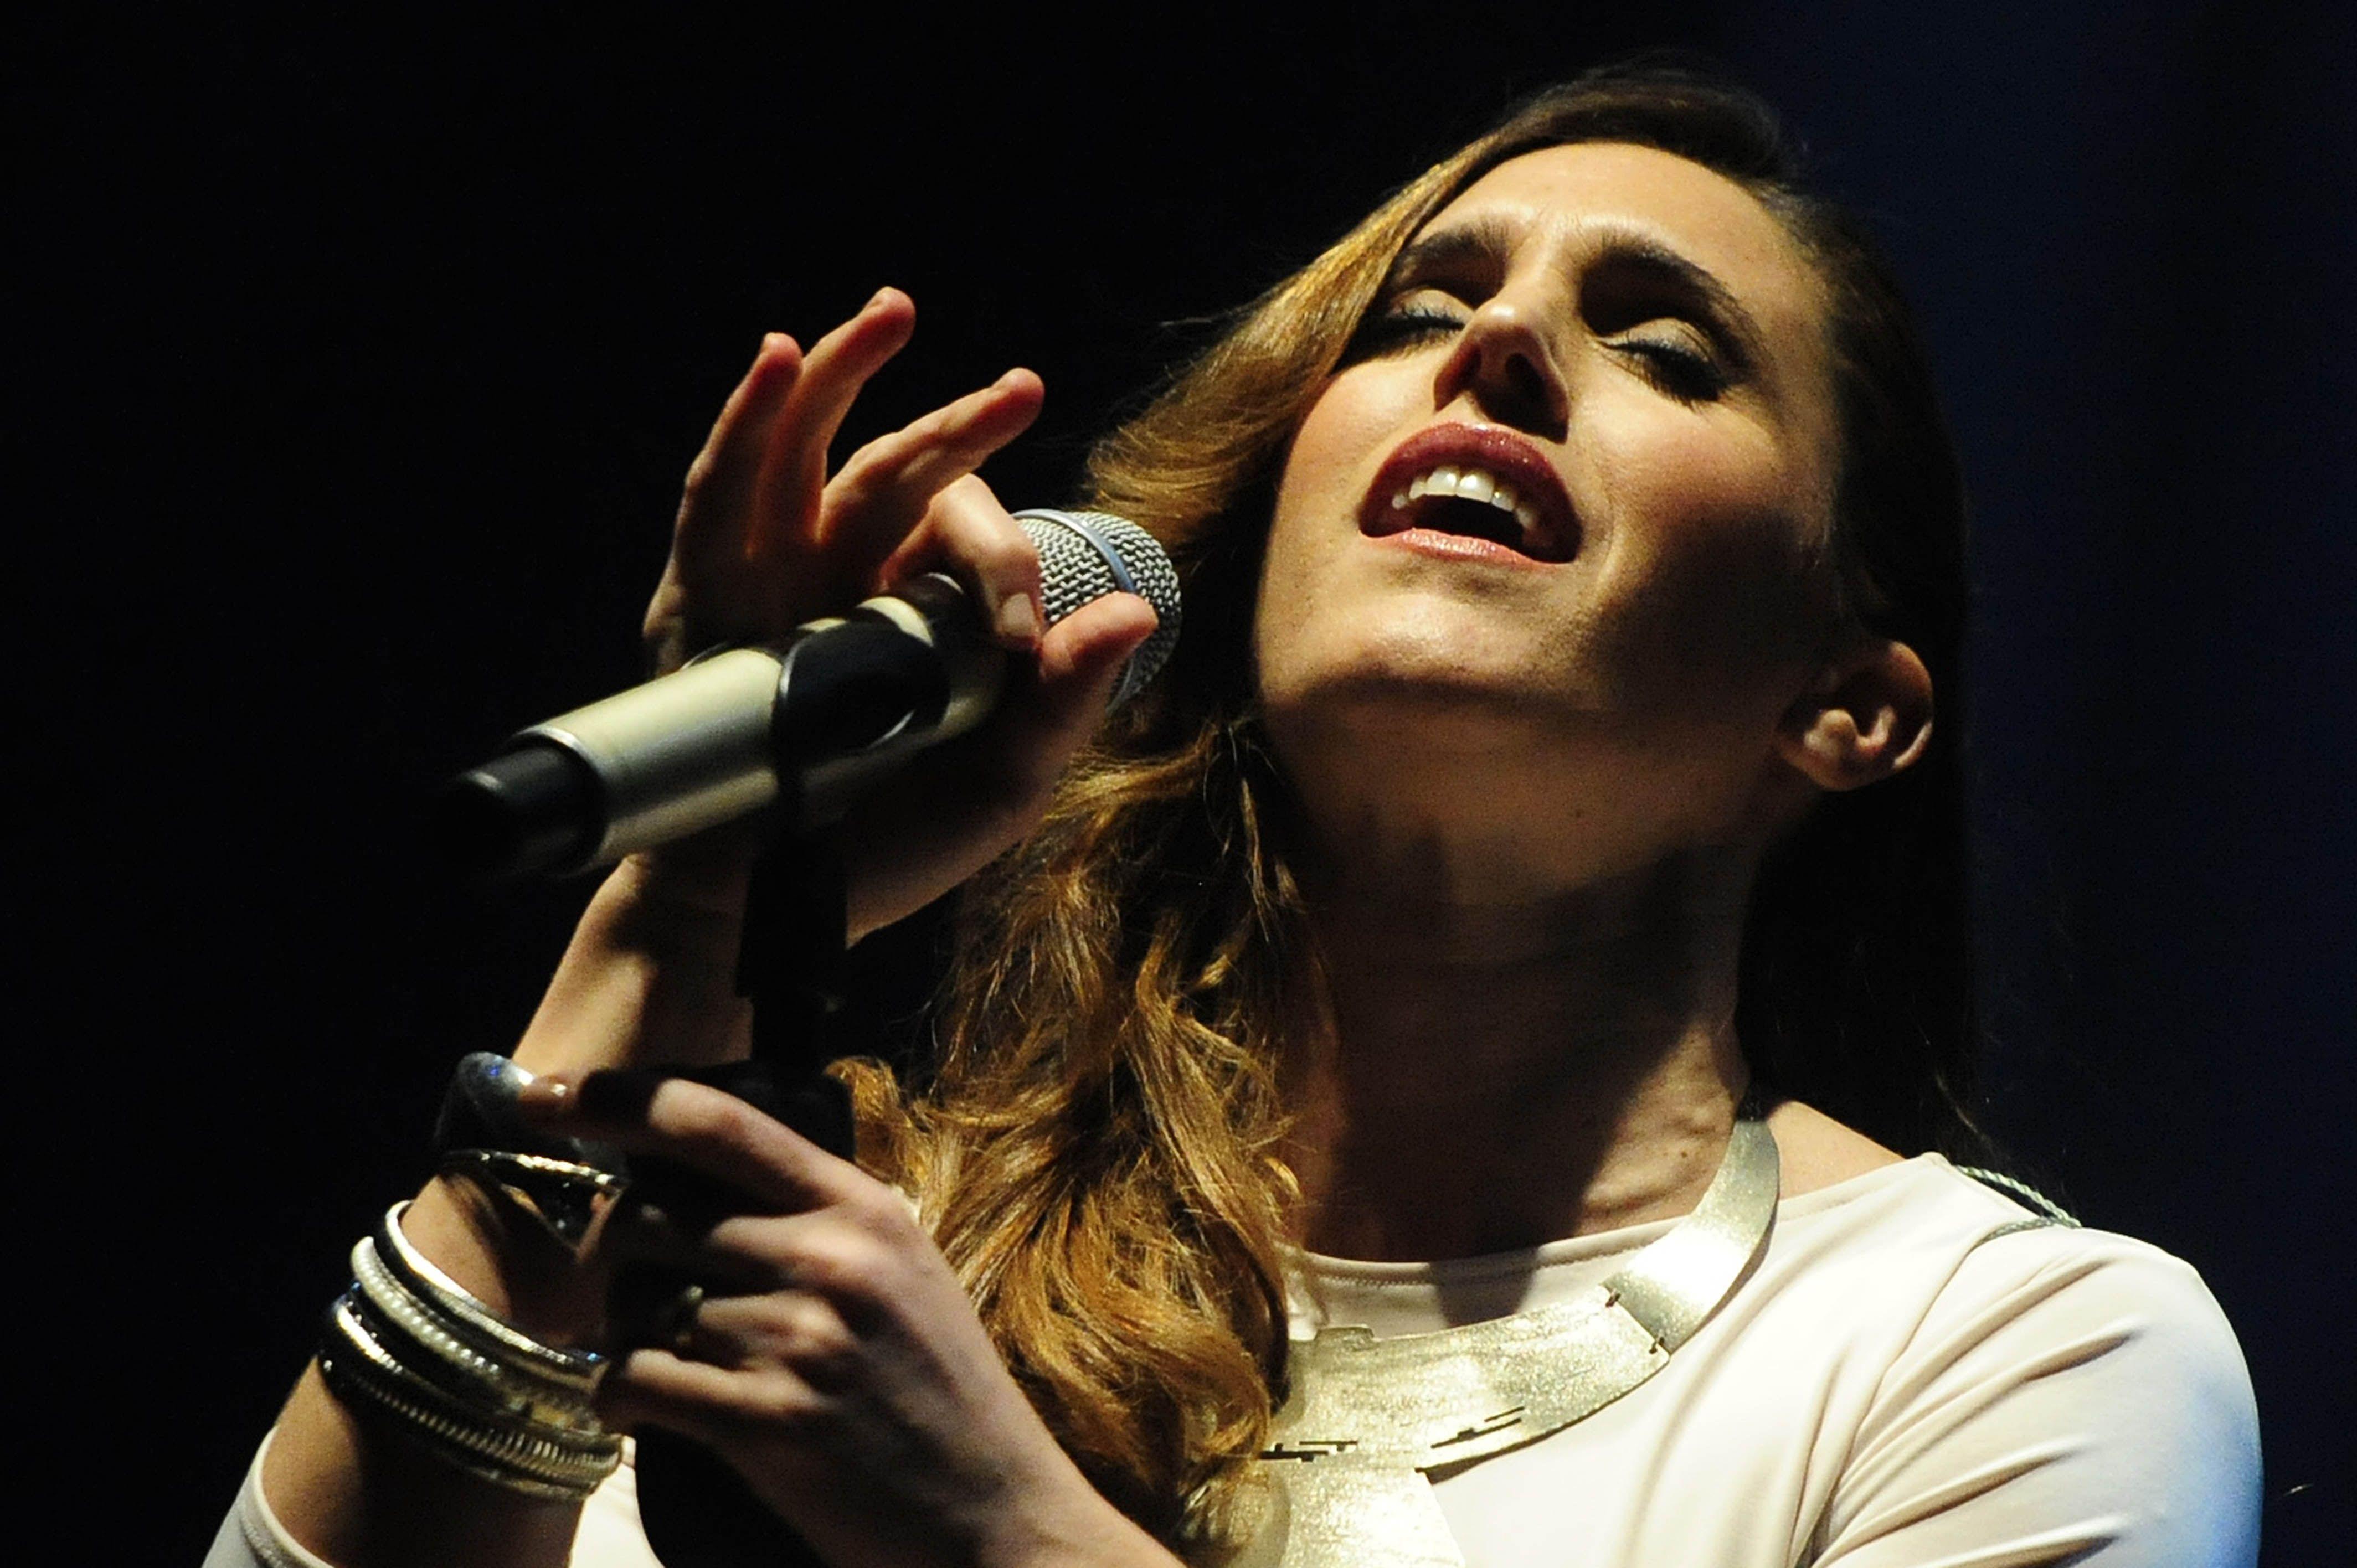 Carismática. Soledad Pastorutti conquistó los corazones de sus fans con clásicos y temas de su último disco.